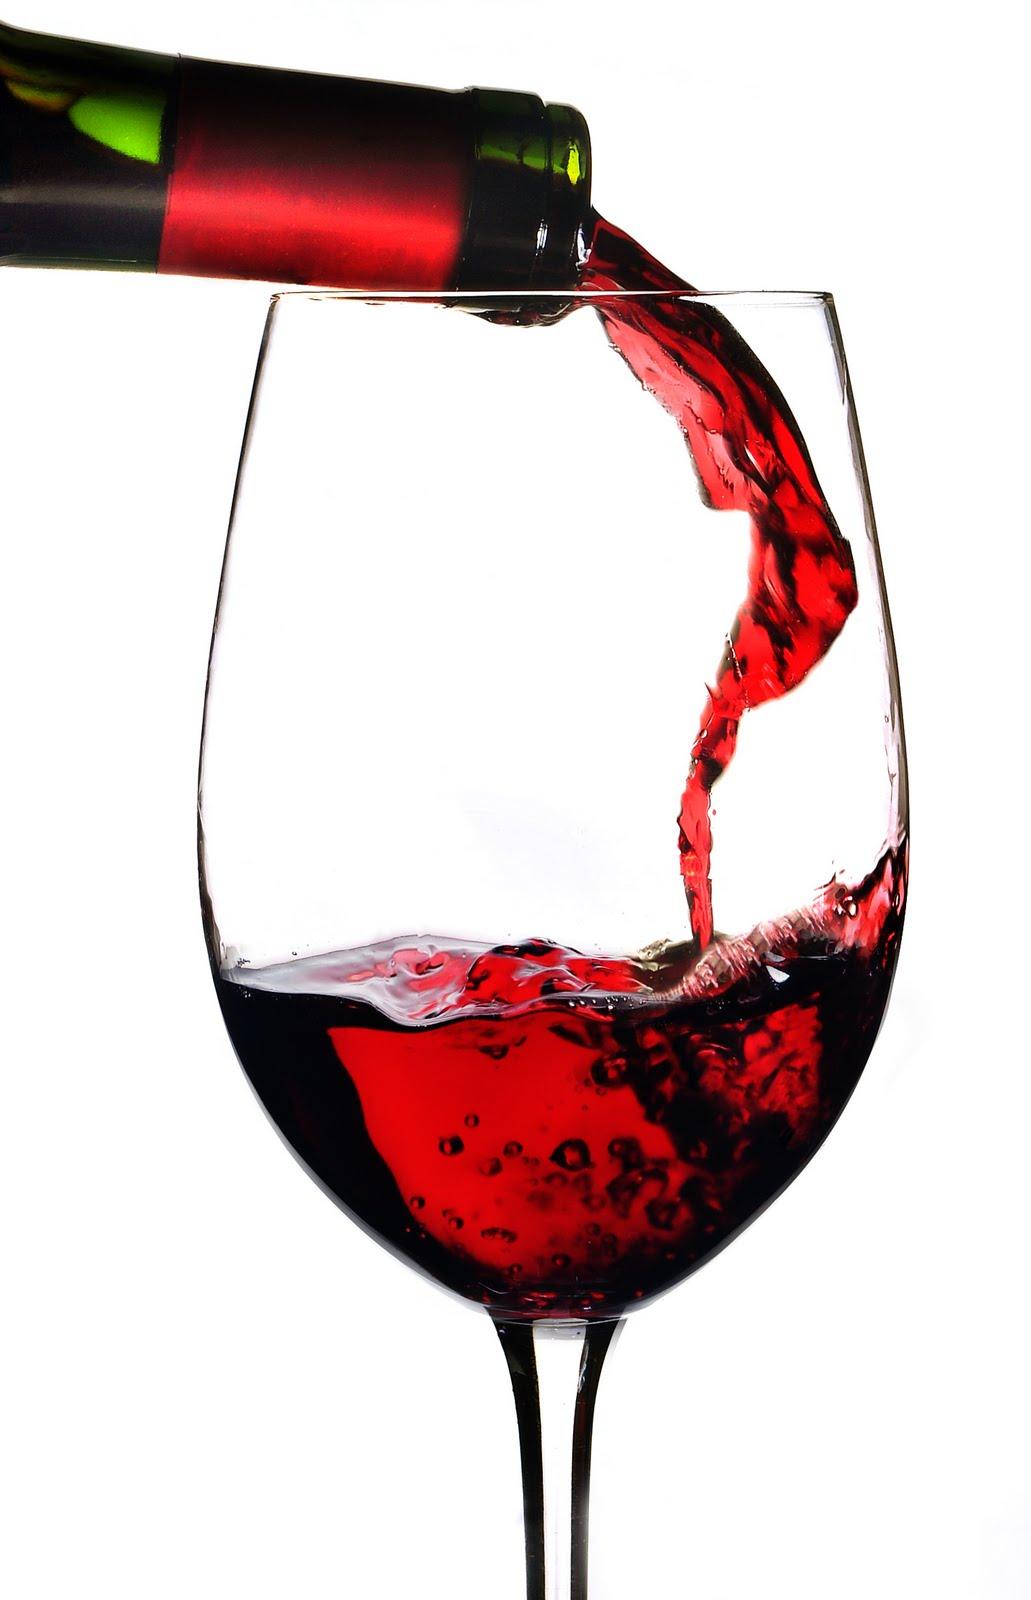 Cuántas-calorías-tiene-una-copa-de-vino.jpg